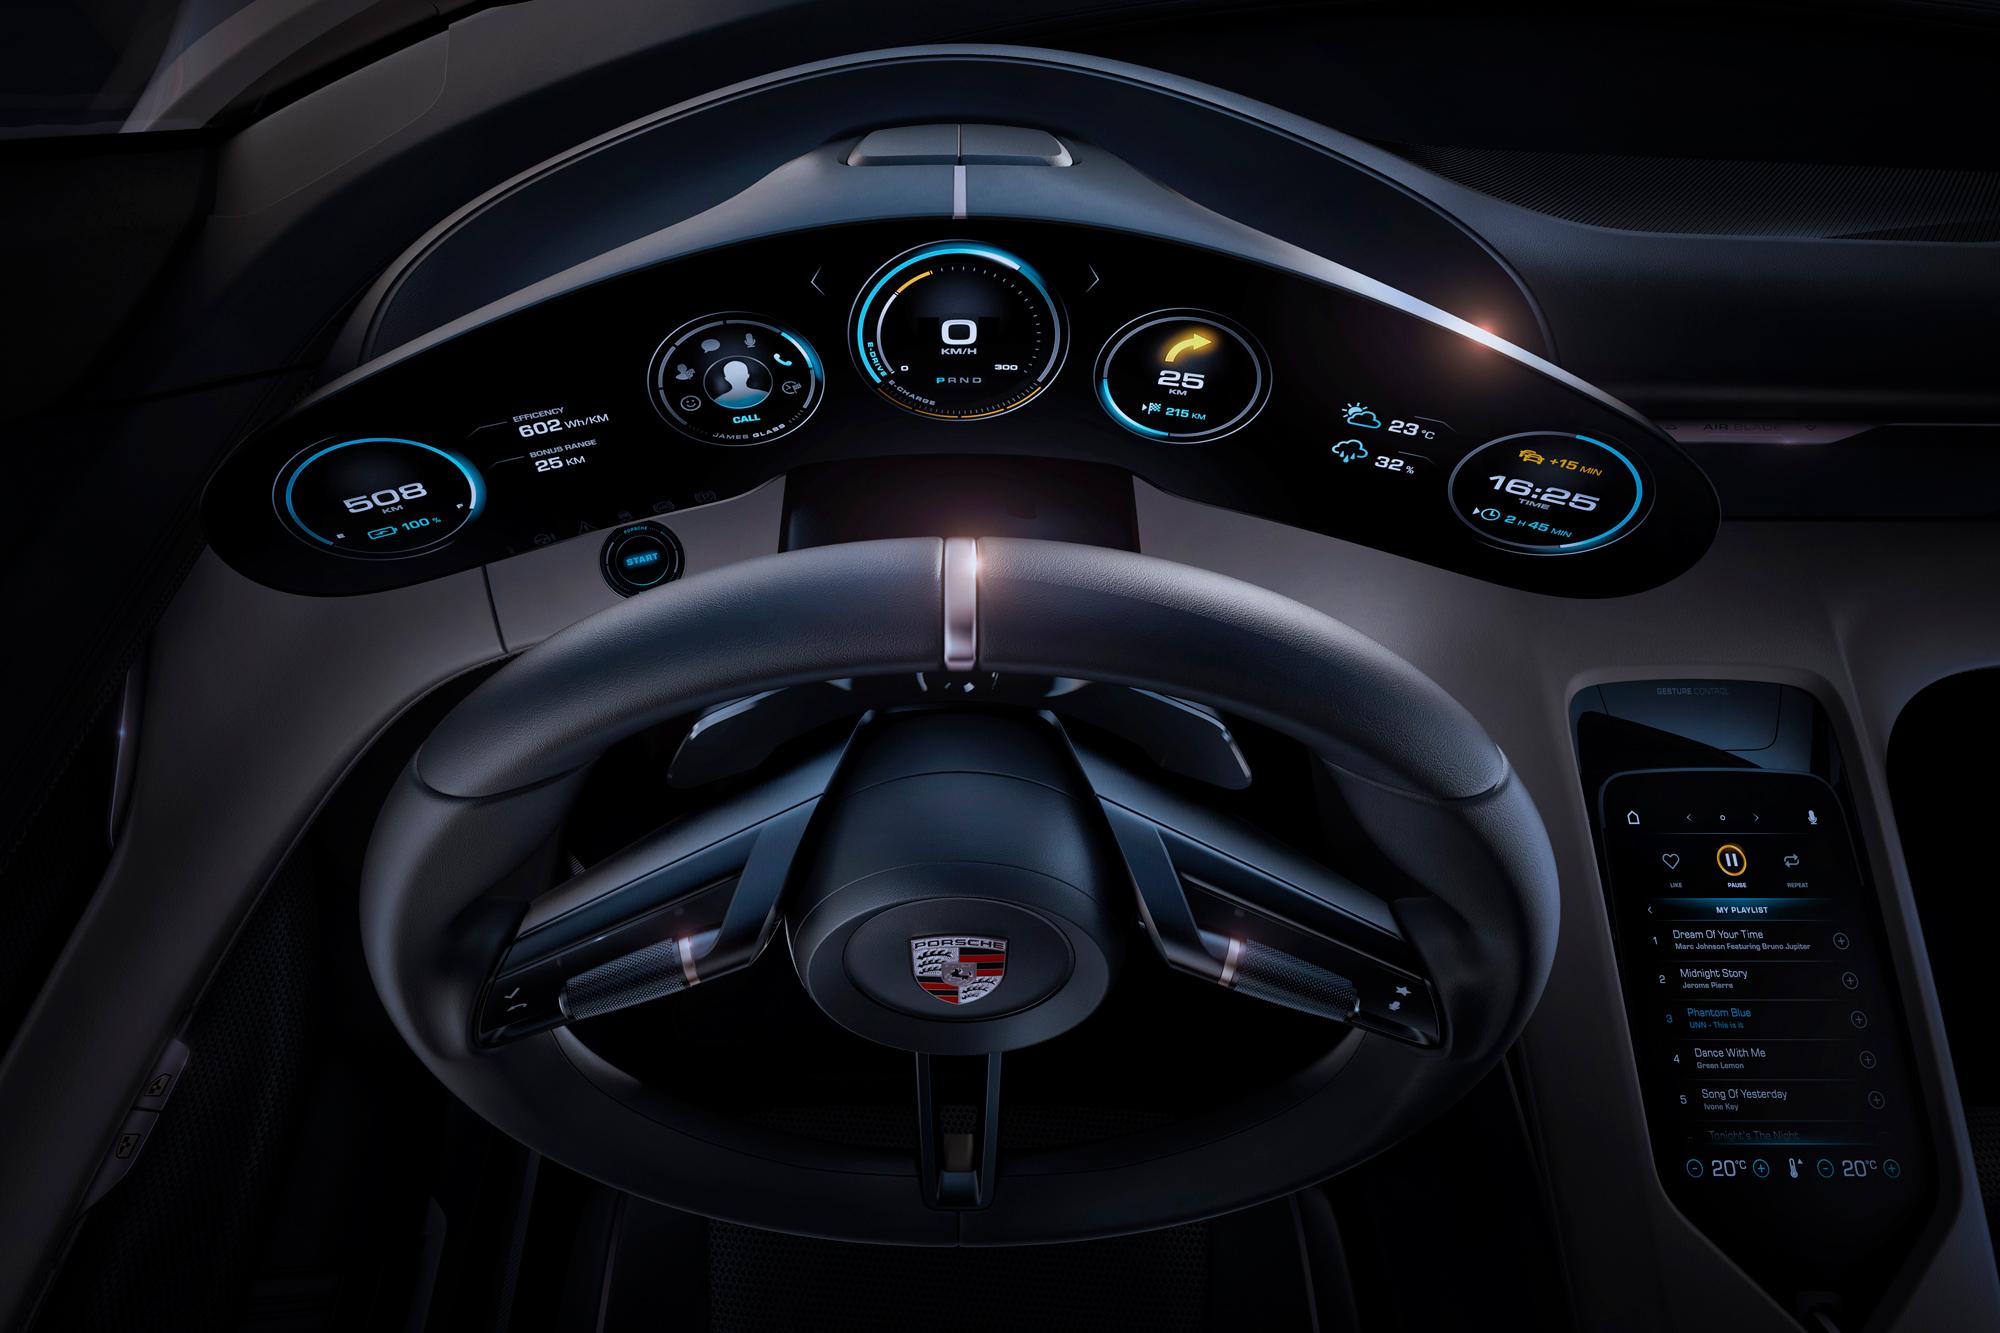 Jon McKnight discusses the capabilities of the Porsche Mission E 1